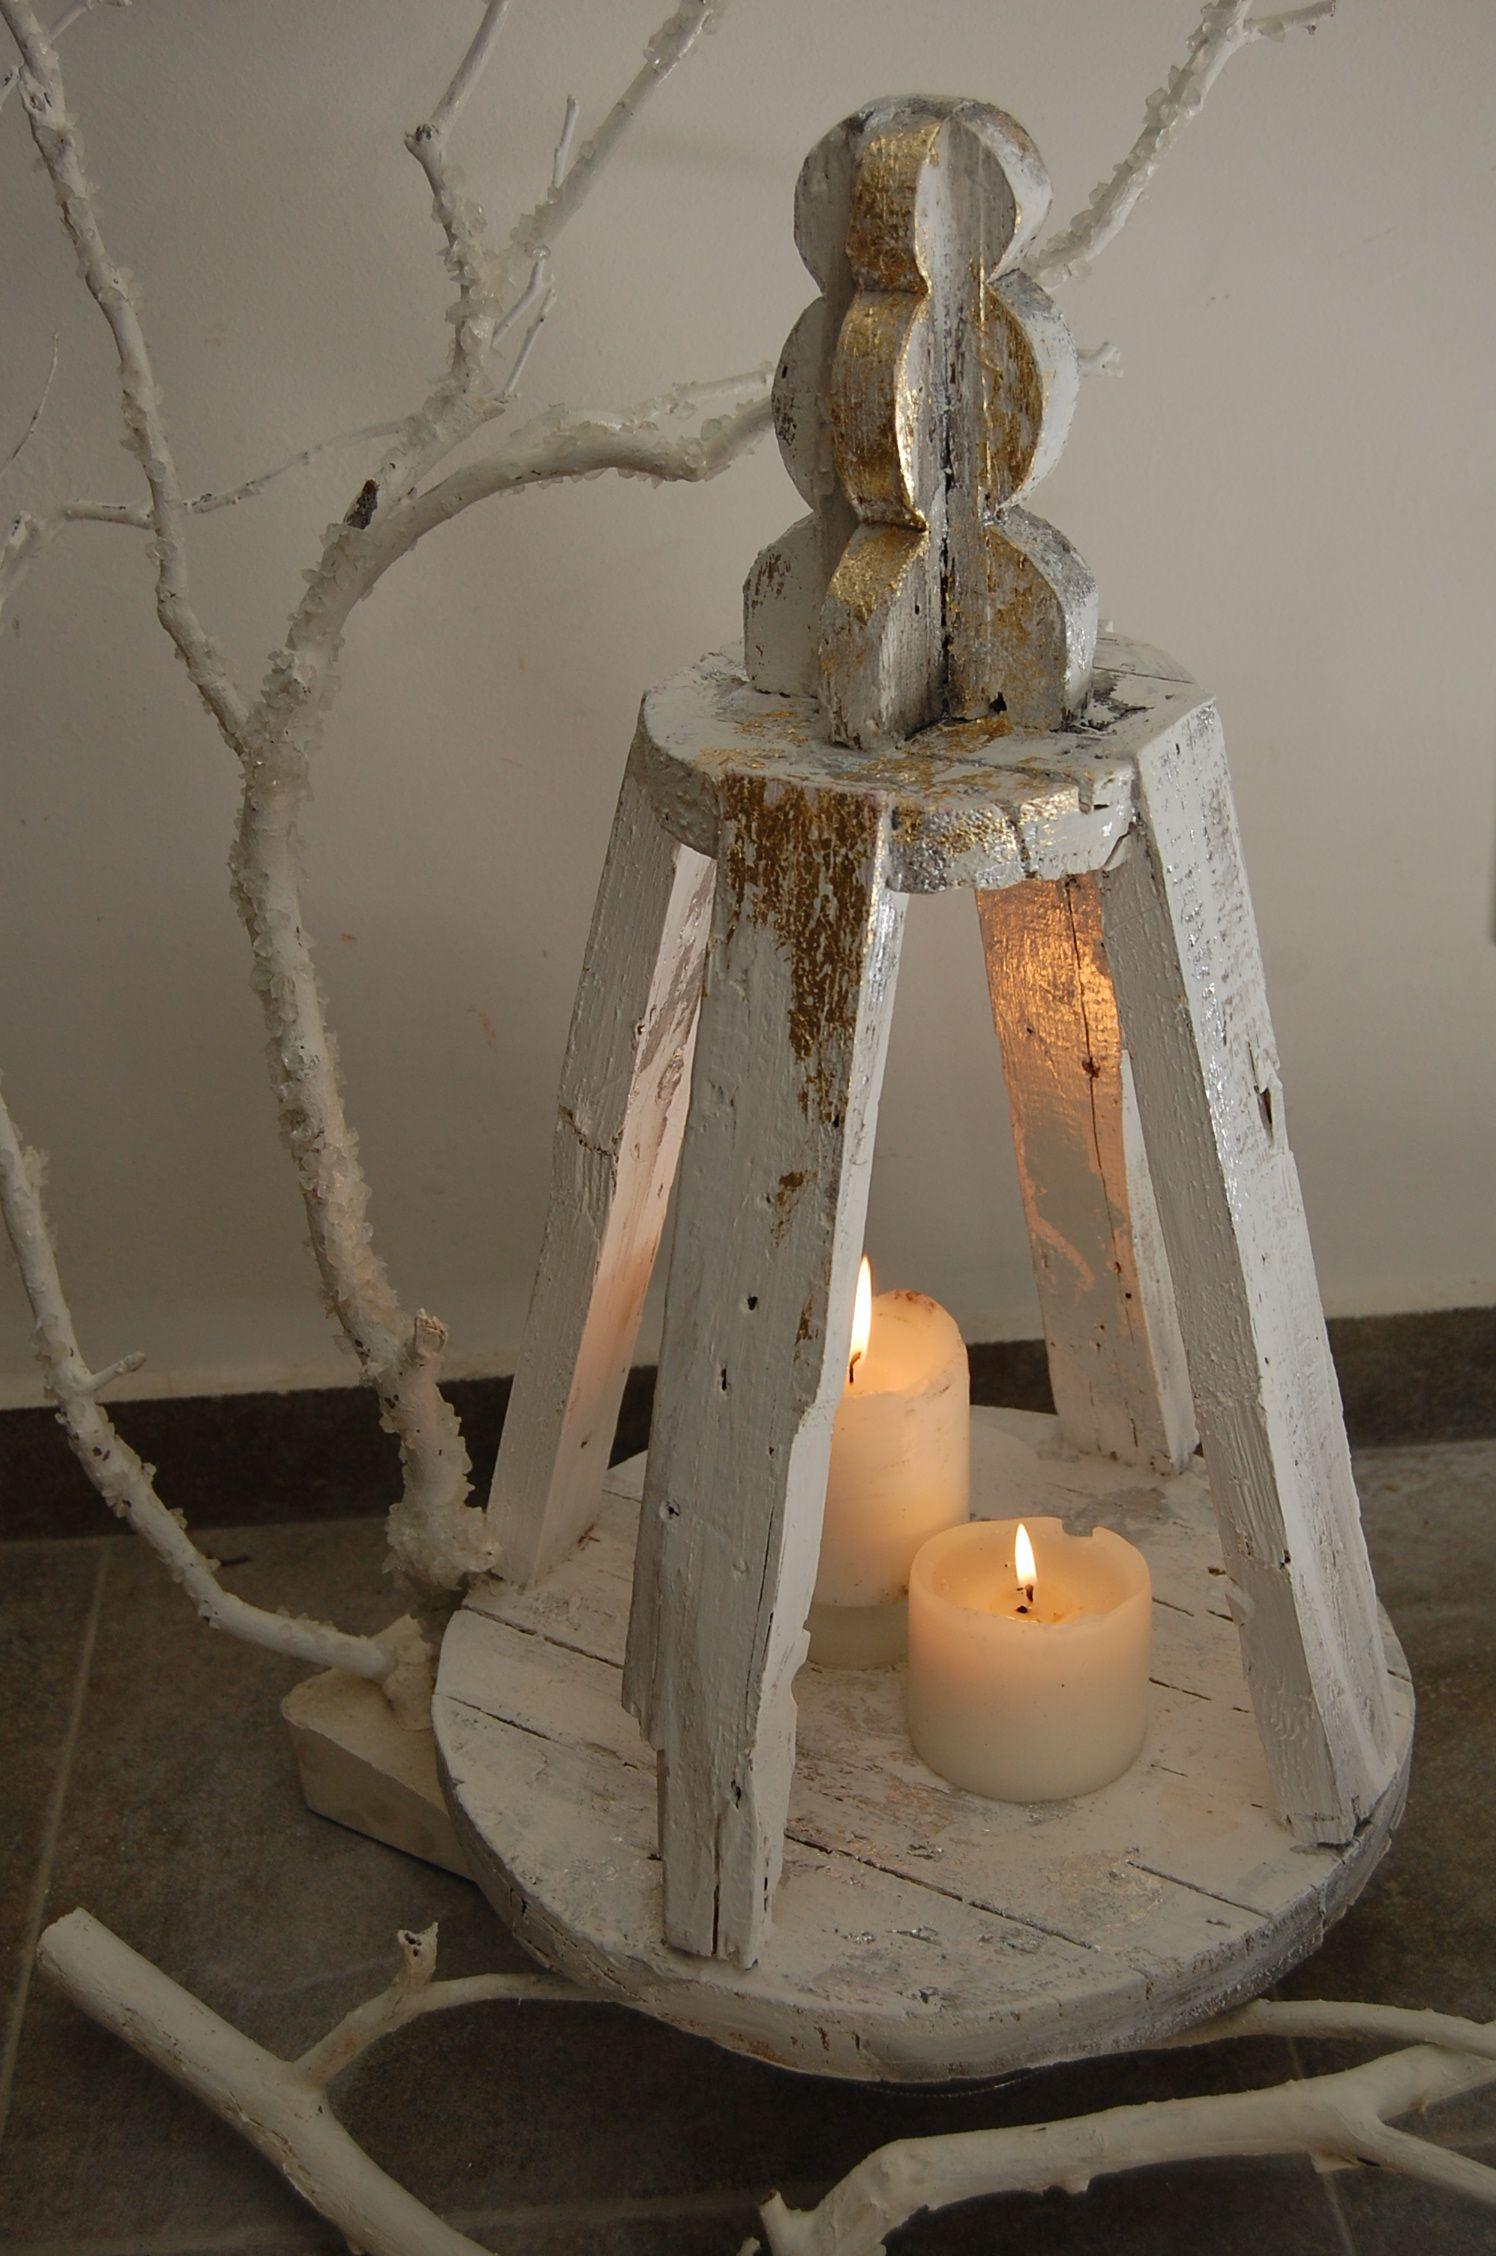 Legno Idee Fai Da Te lanterna in legno da recupero | idee fai da te, legno, idee